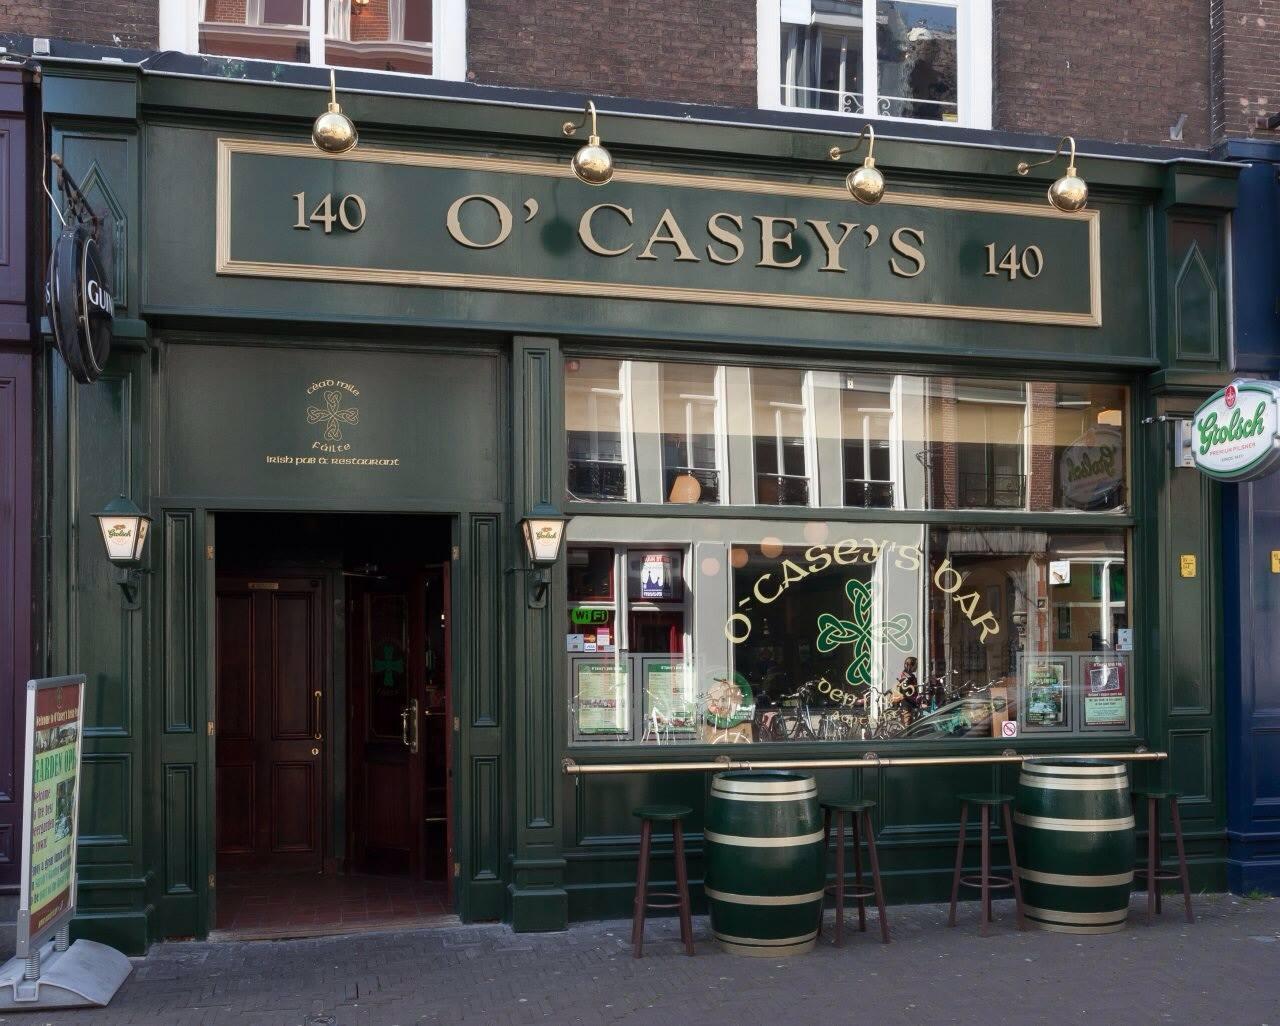 O'Casey's